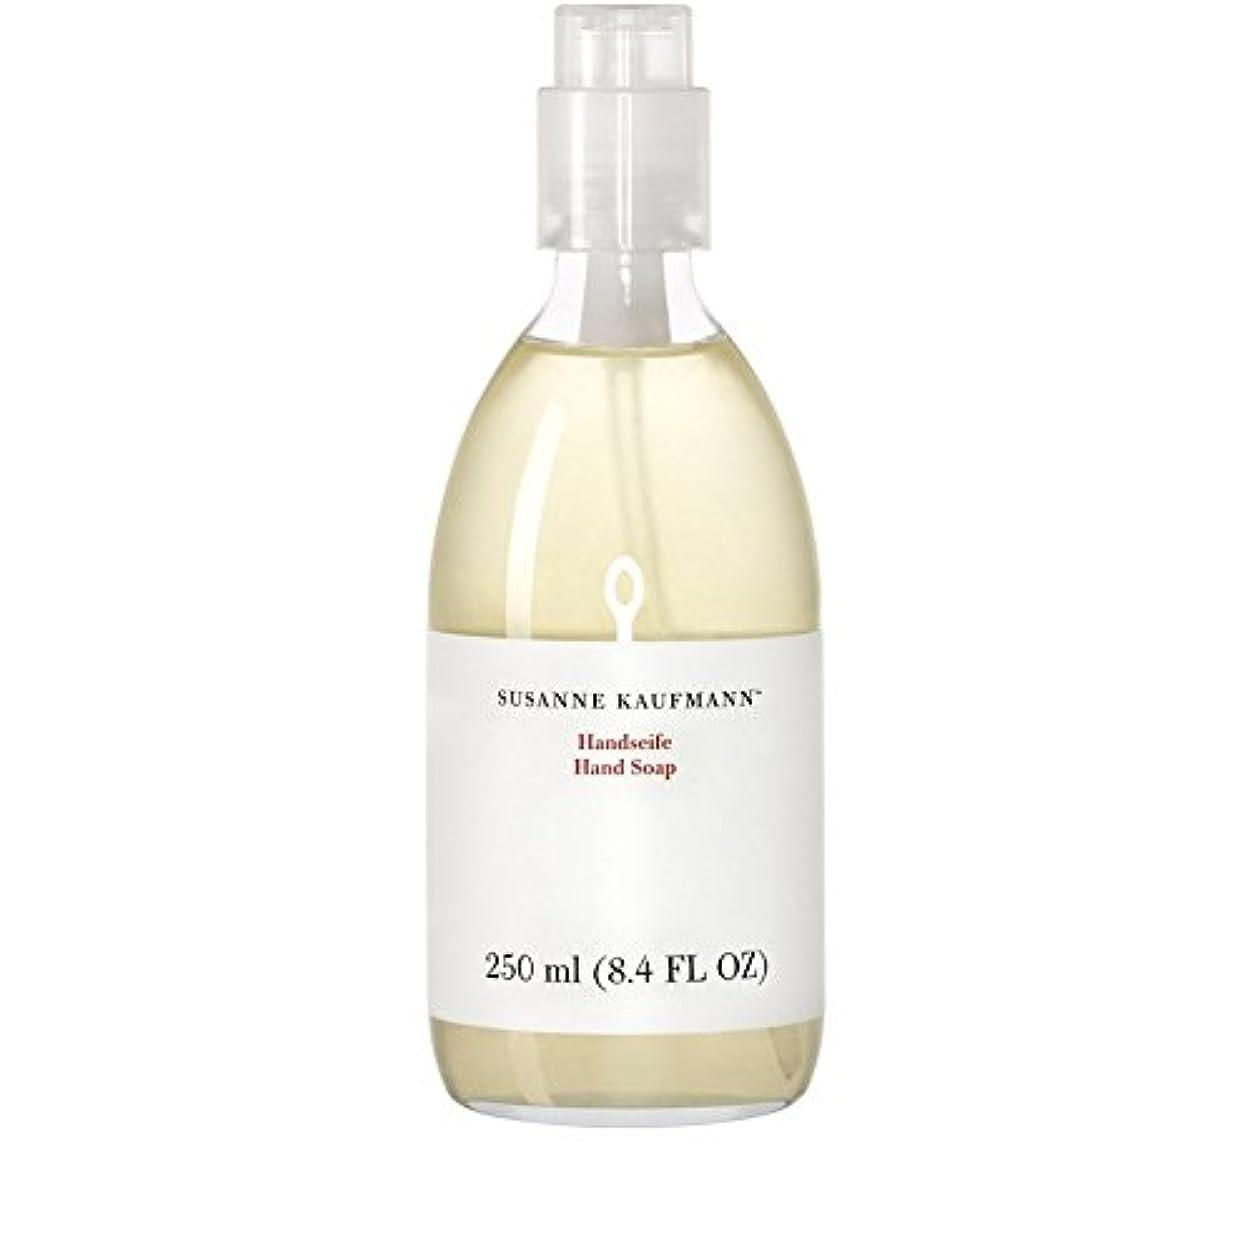 本体寝室明快Susanne Kaufmann Hand Soap 250ml - スザンヌカウフマンハンドソープ250ミリリットル [並行輸入品]